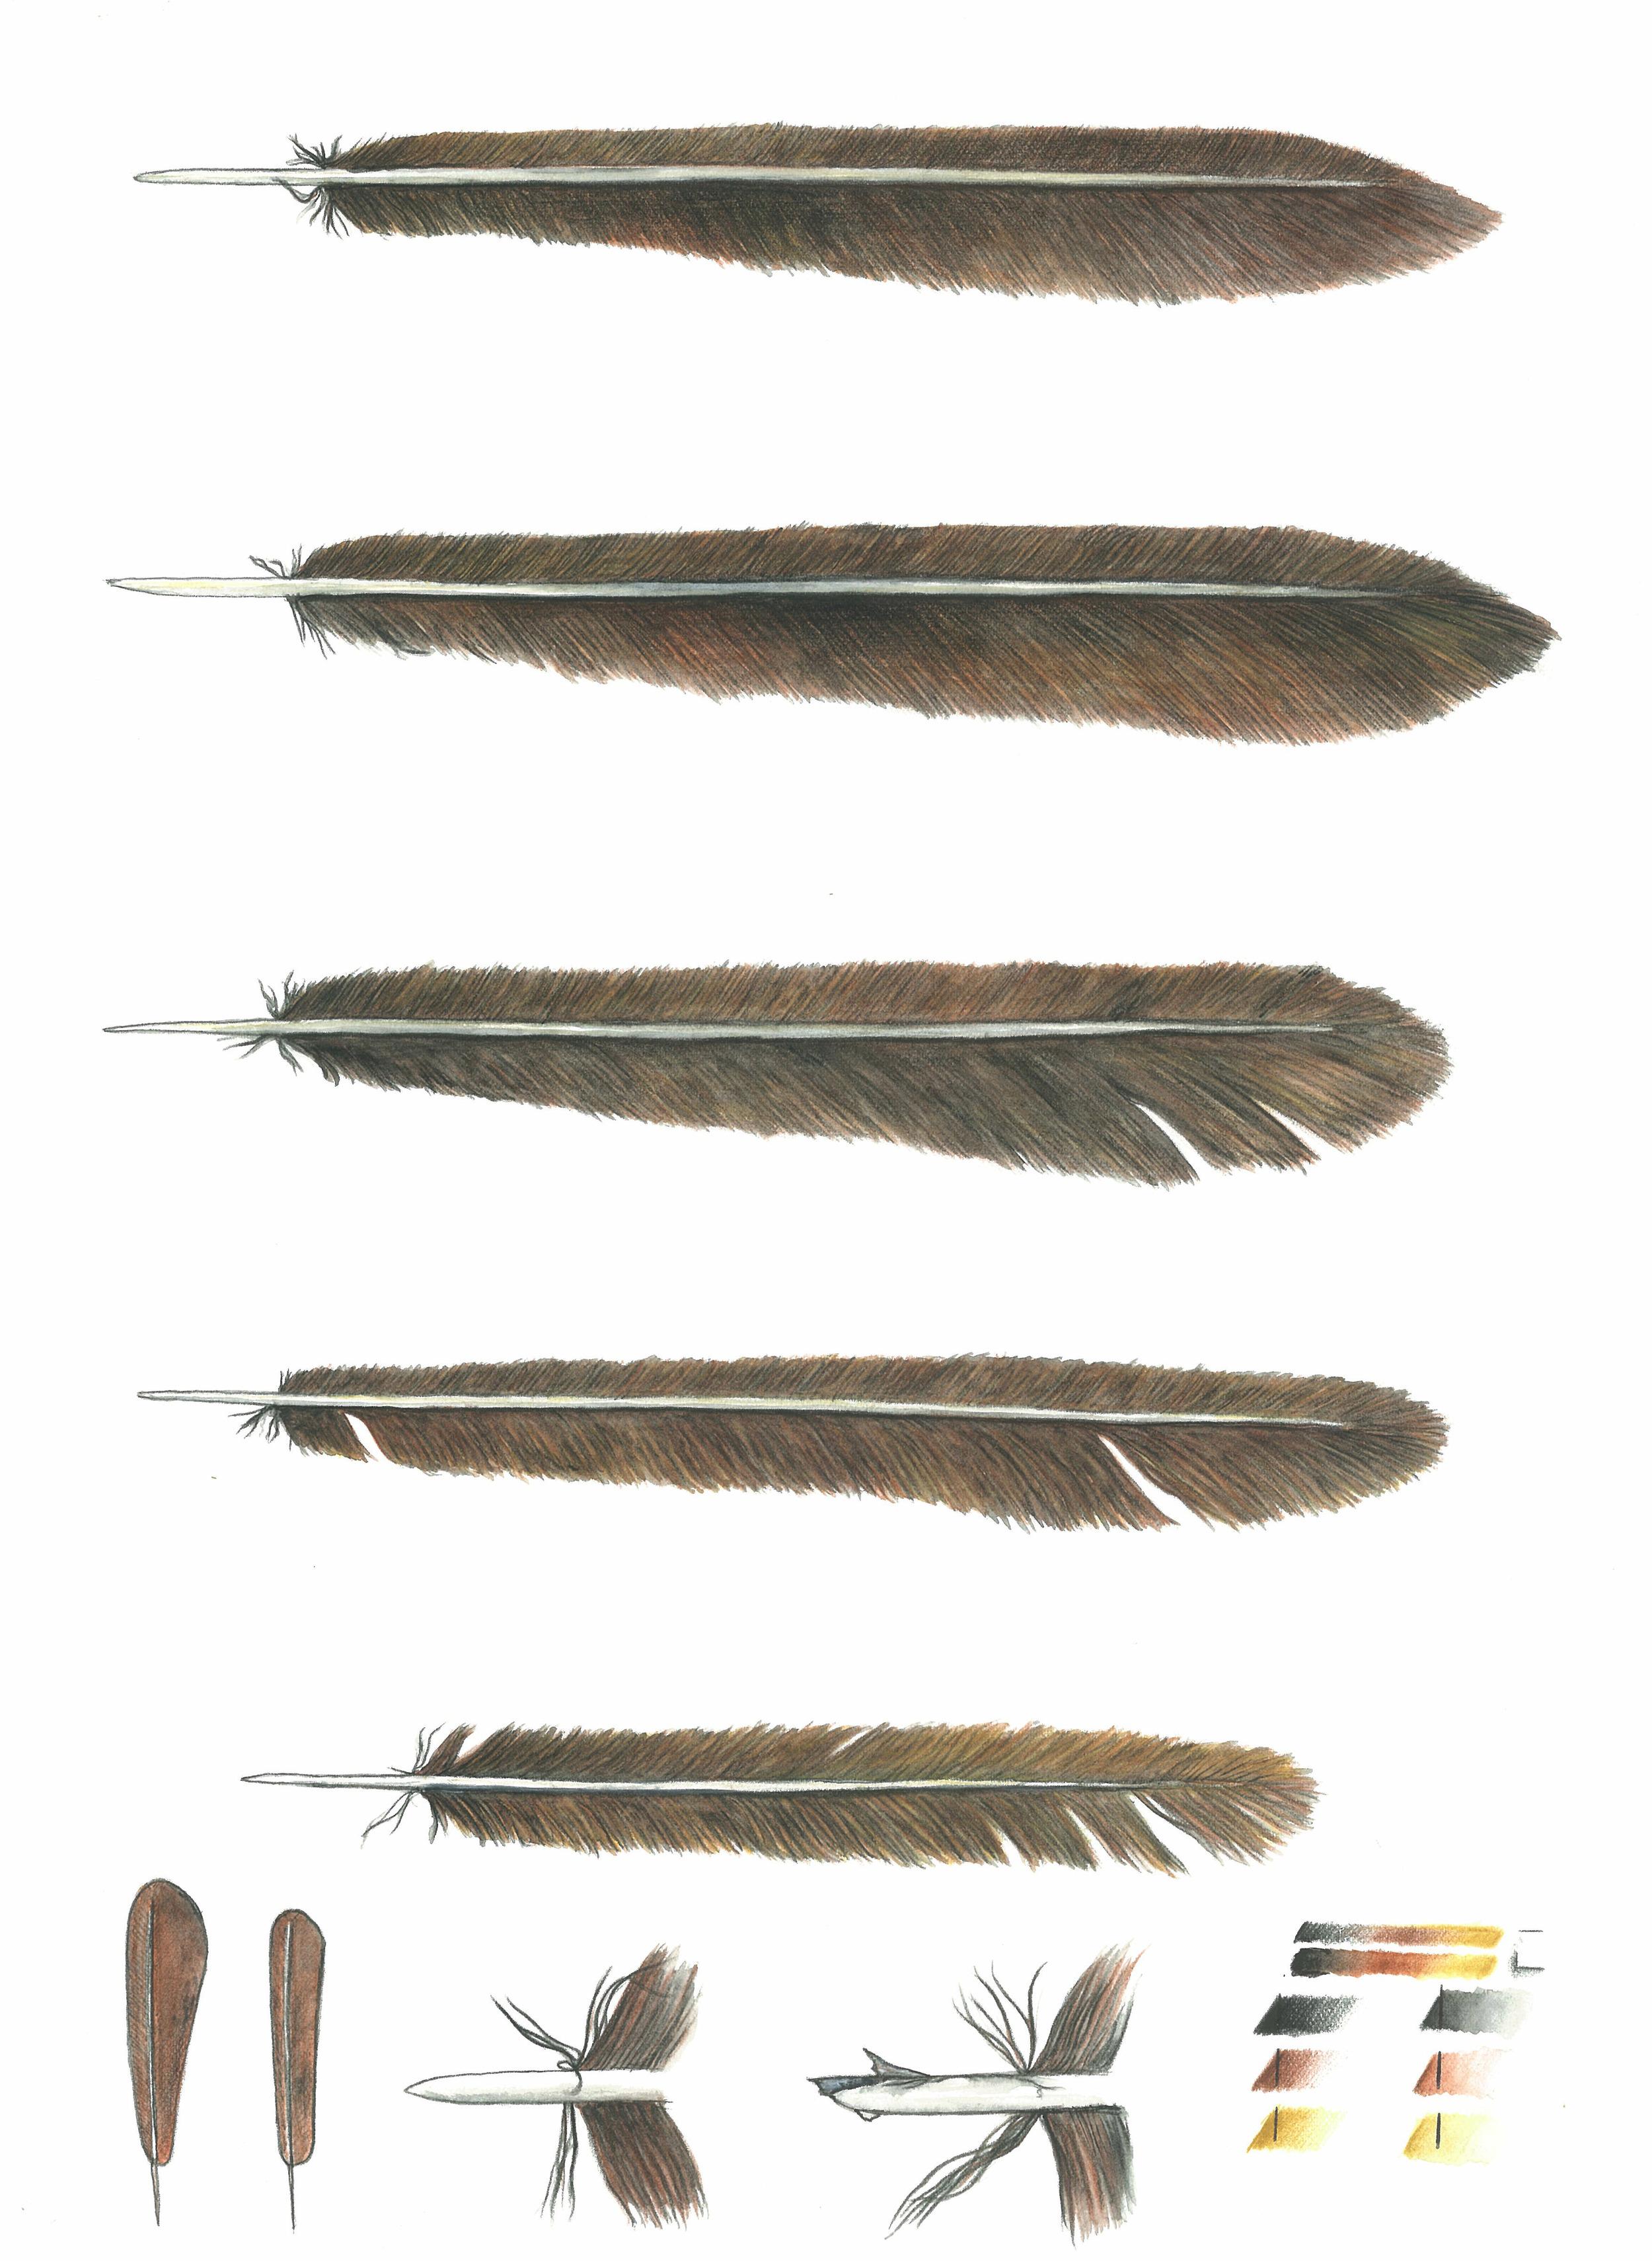 'Feather Studies #2'